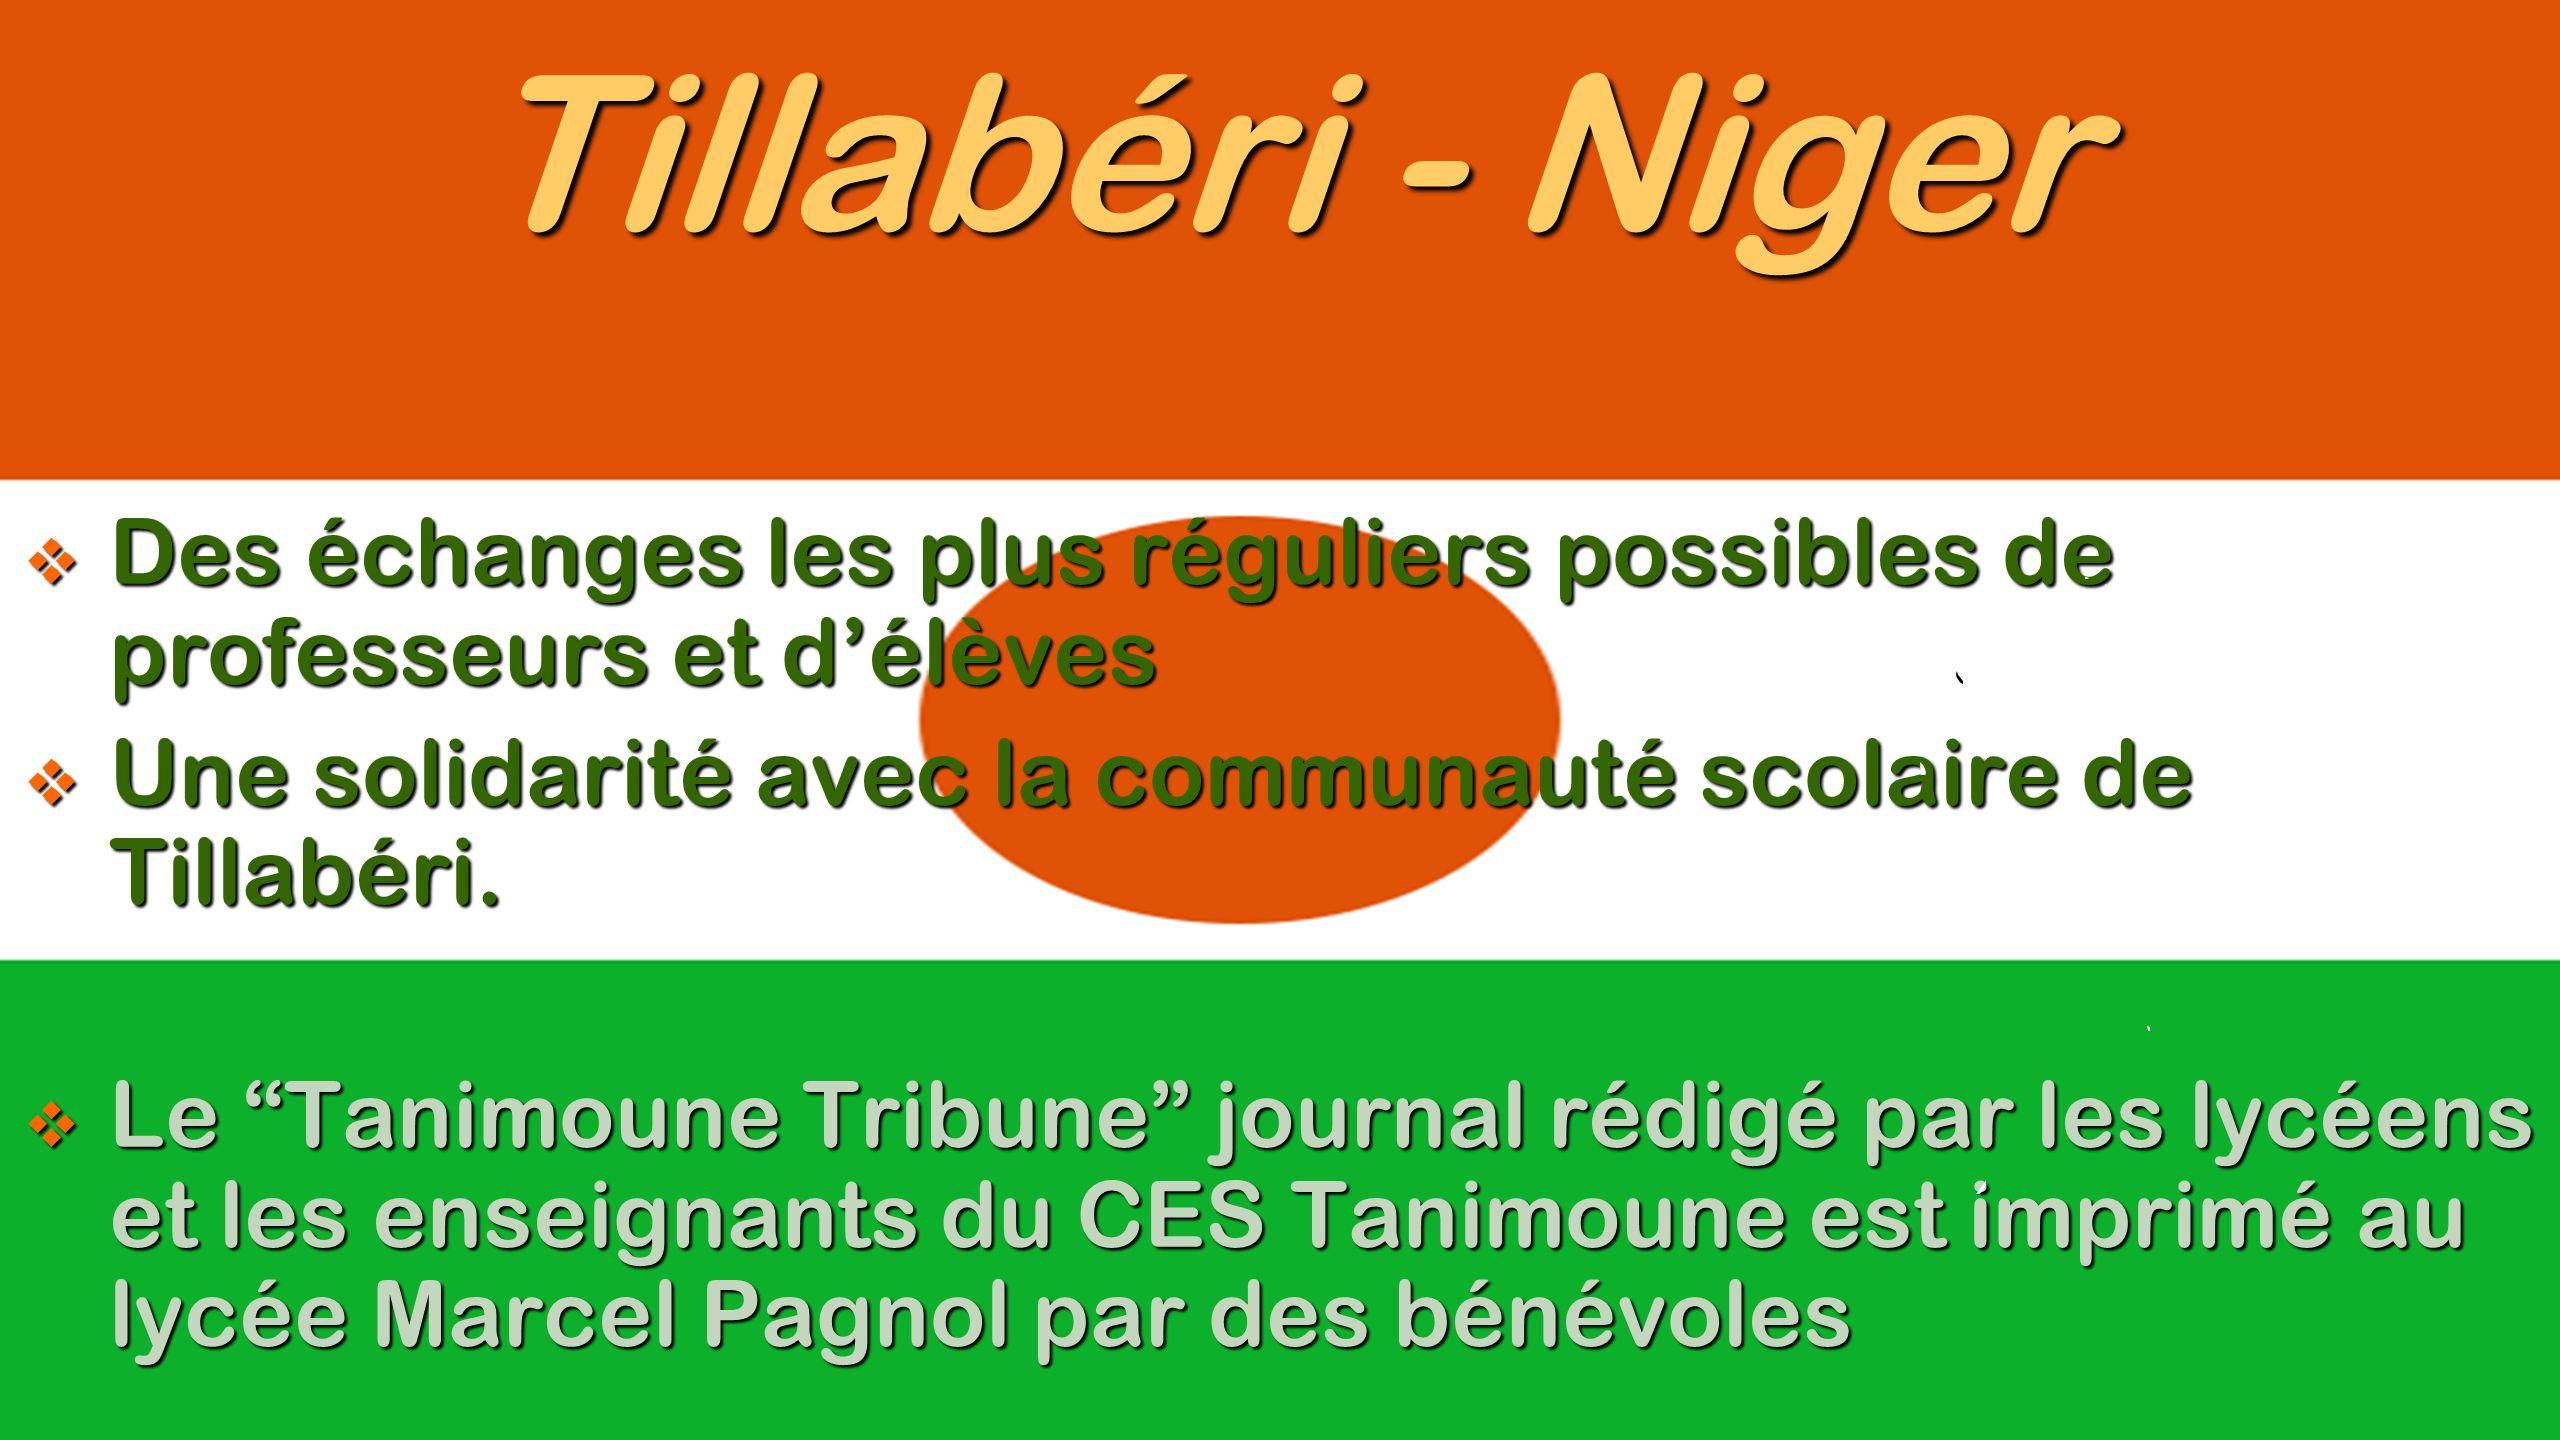 Tillabéri - Niger Des échanges les plus réguliers possibles de professeurs et d'élèves. Une solidarité avec la communauté scolaire de Tillabéri.